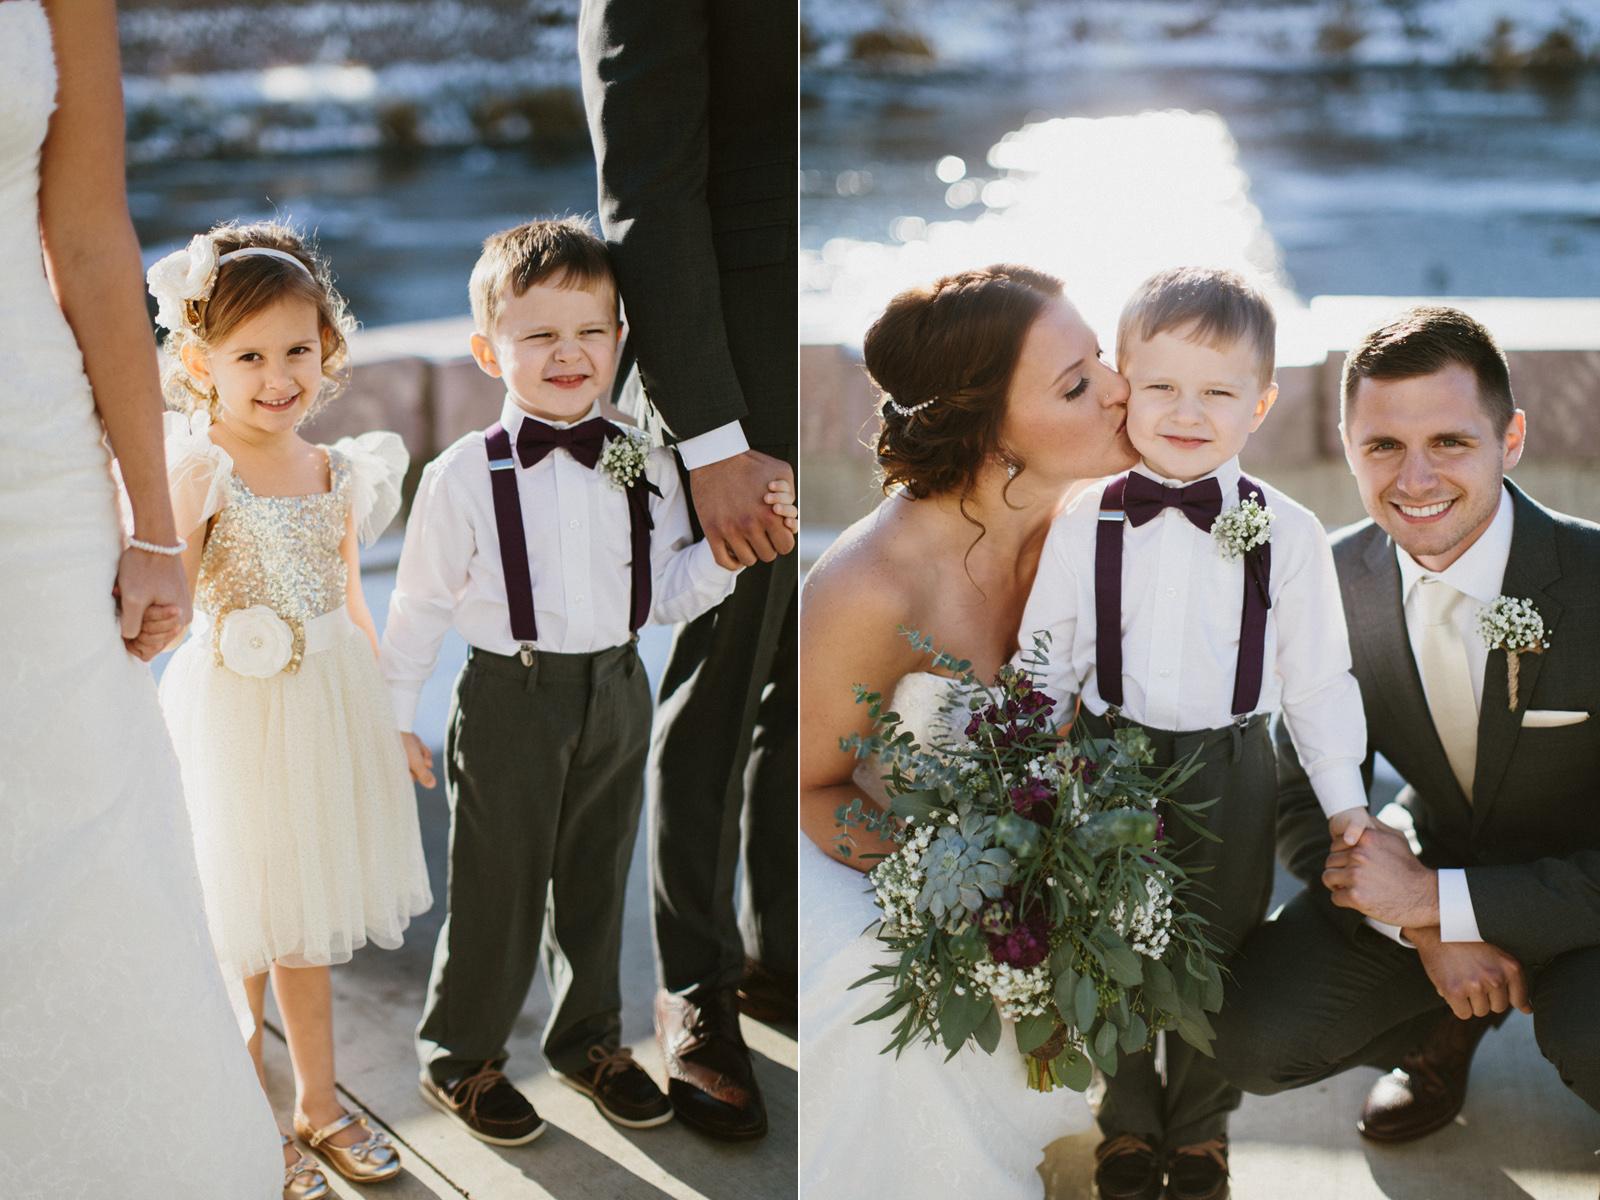 israel&aubrey_siouxfalls_wedding_photographer_71.jpg